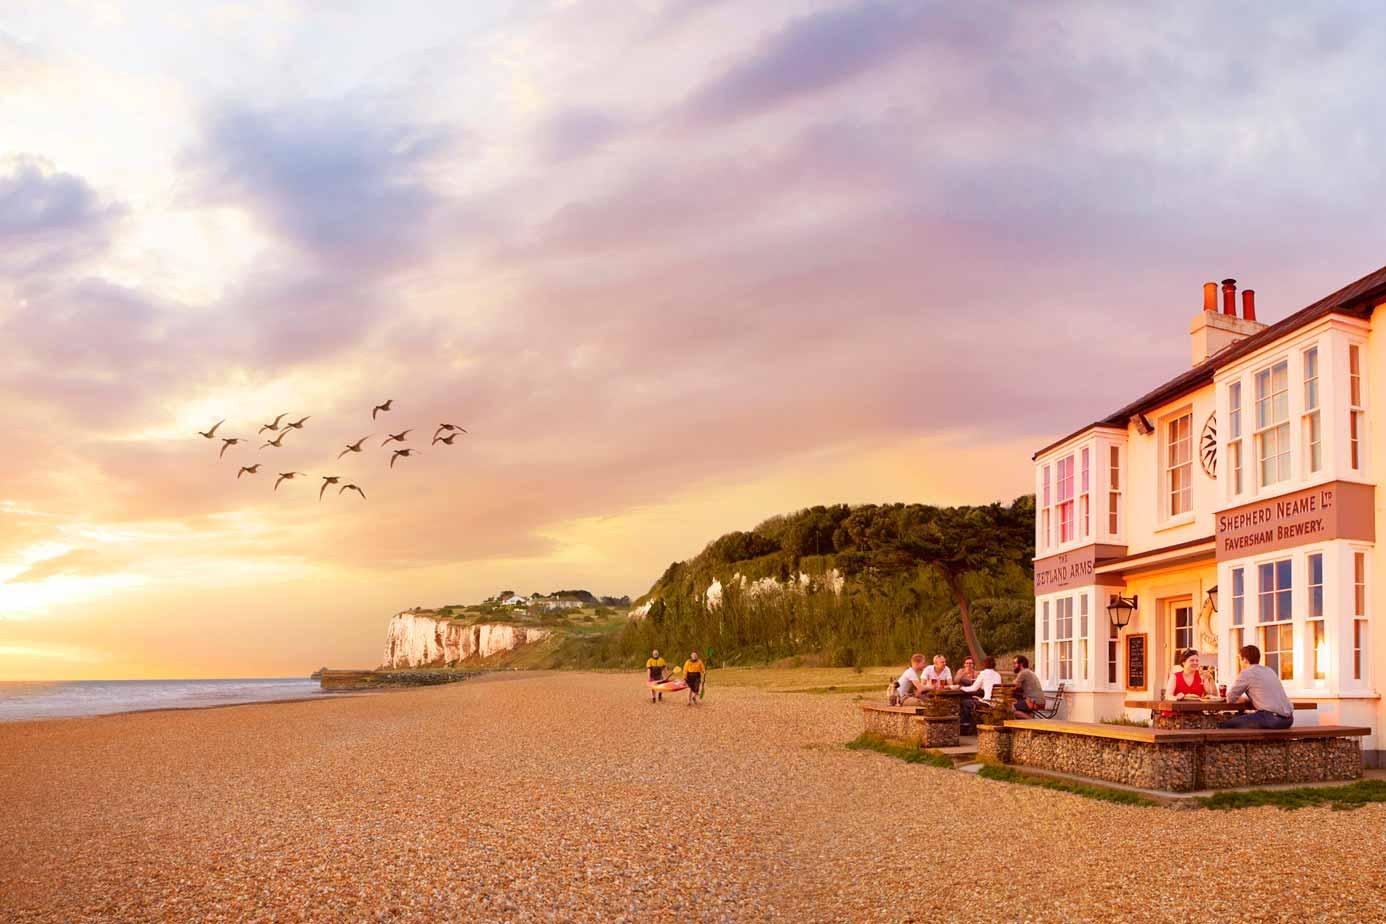 Pub on the beach